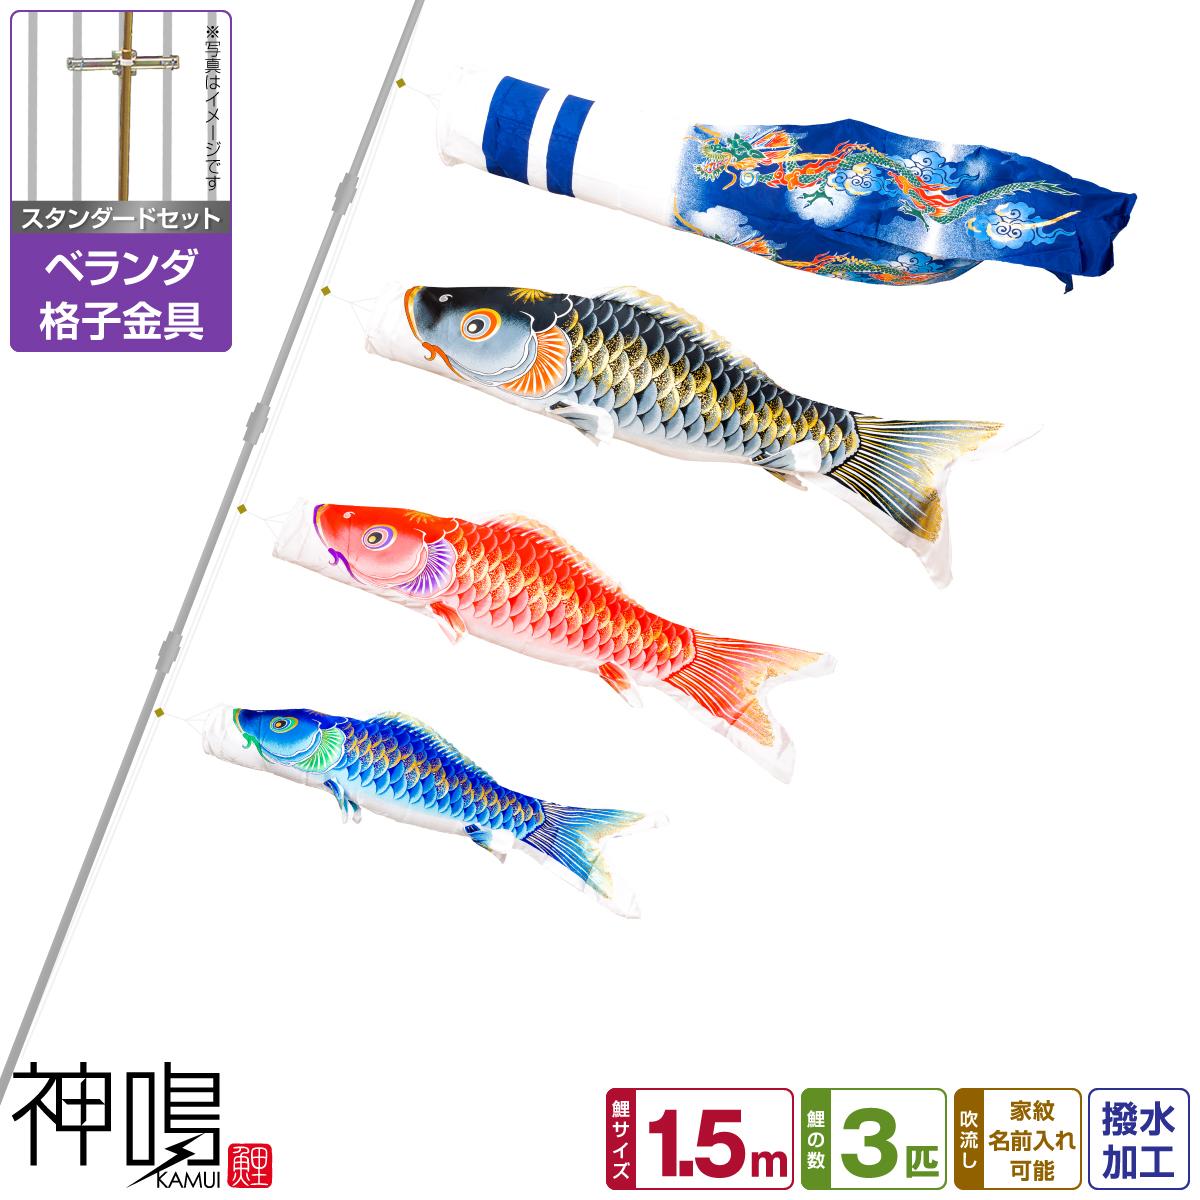 ベランダ用 鯉のぼり 神鳴鯉-KAMUI- 1.5m 6点(吹流し+鯉3匹+矢車+ロープ)/スタンダードセット(格子金具)